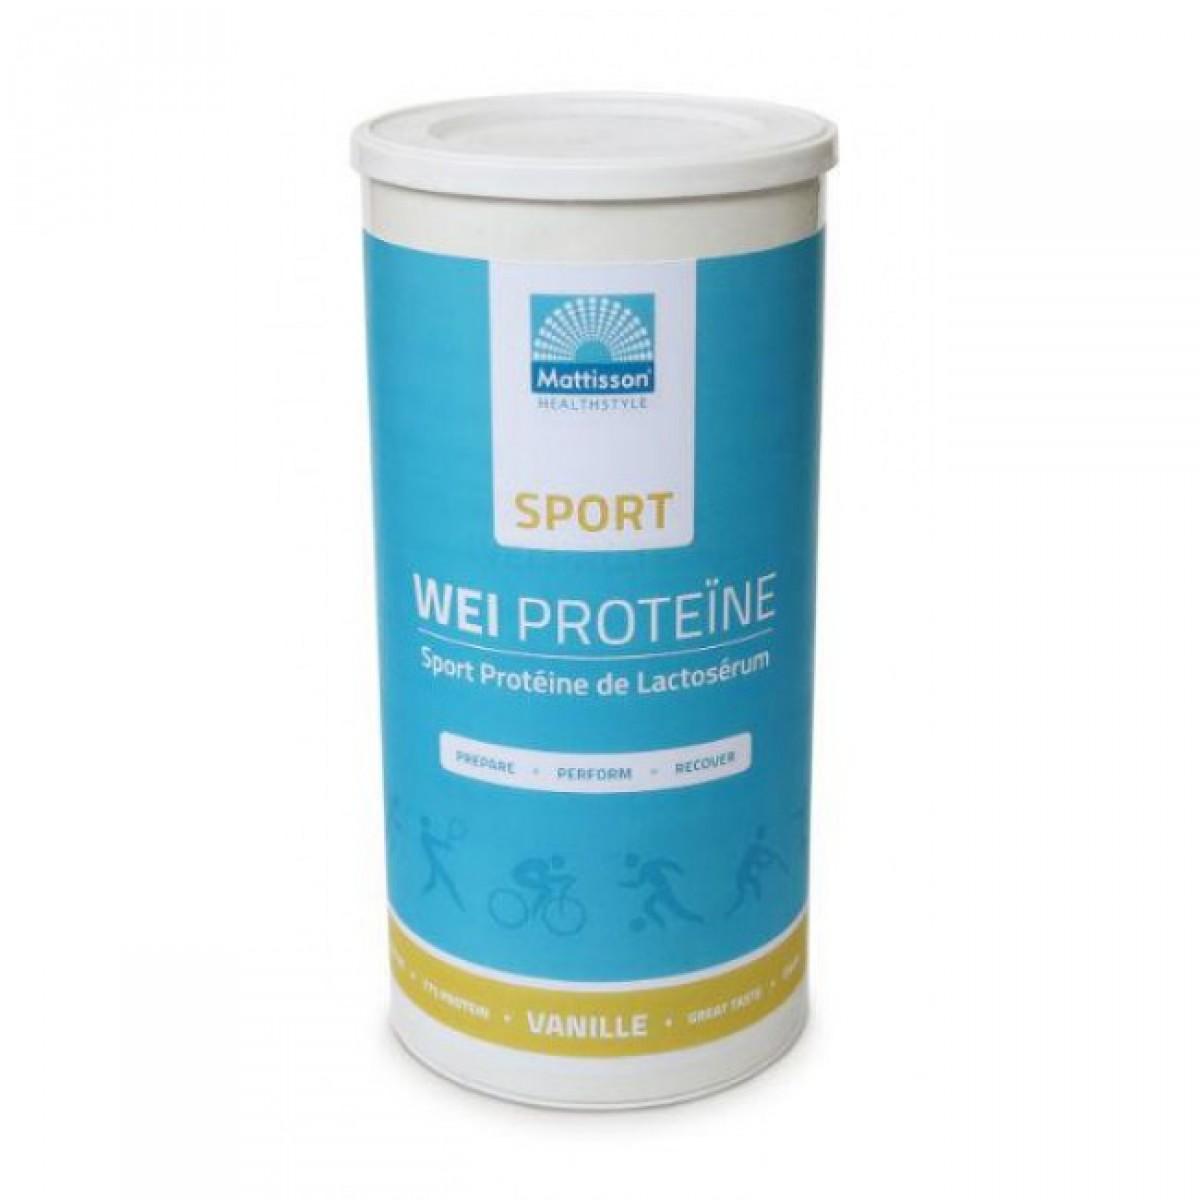 Wei Proteïne Sport Vanille